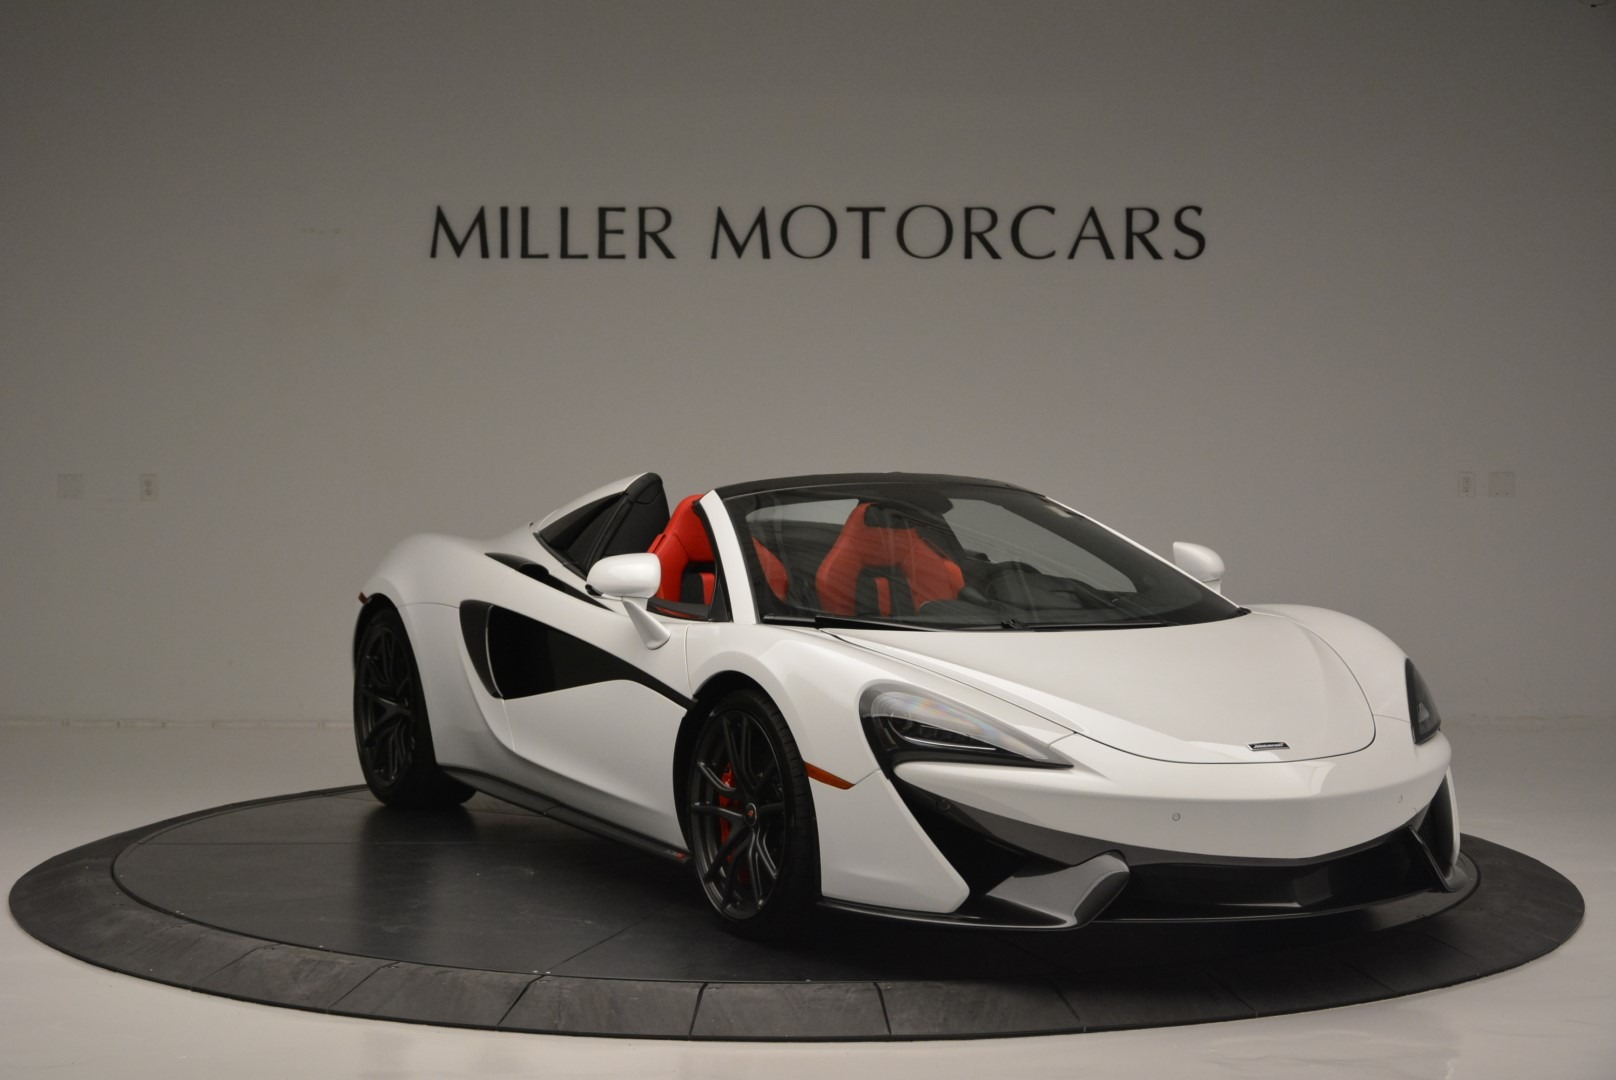 Used 2018 McLaren 570S Spider For Sale In Westport, CT 2341_p11